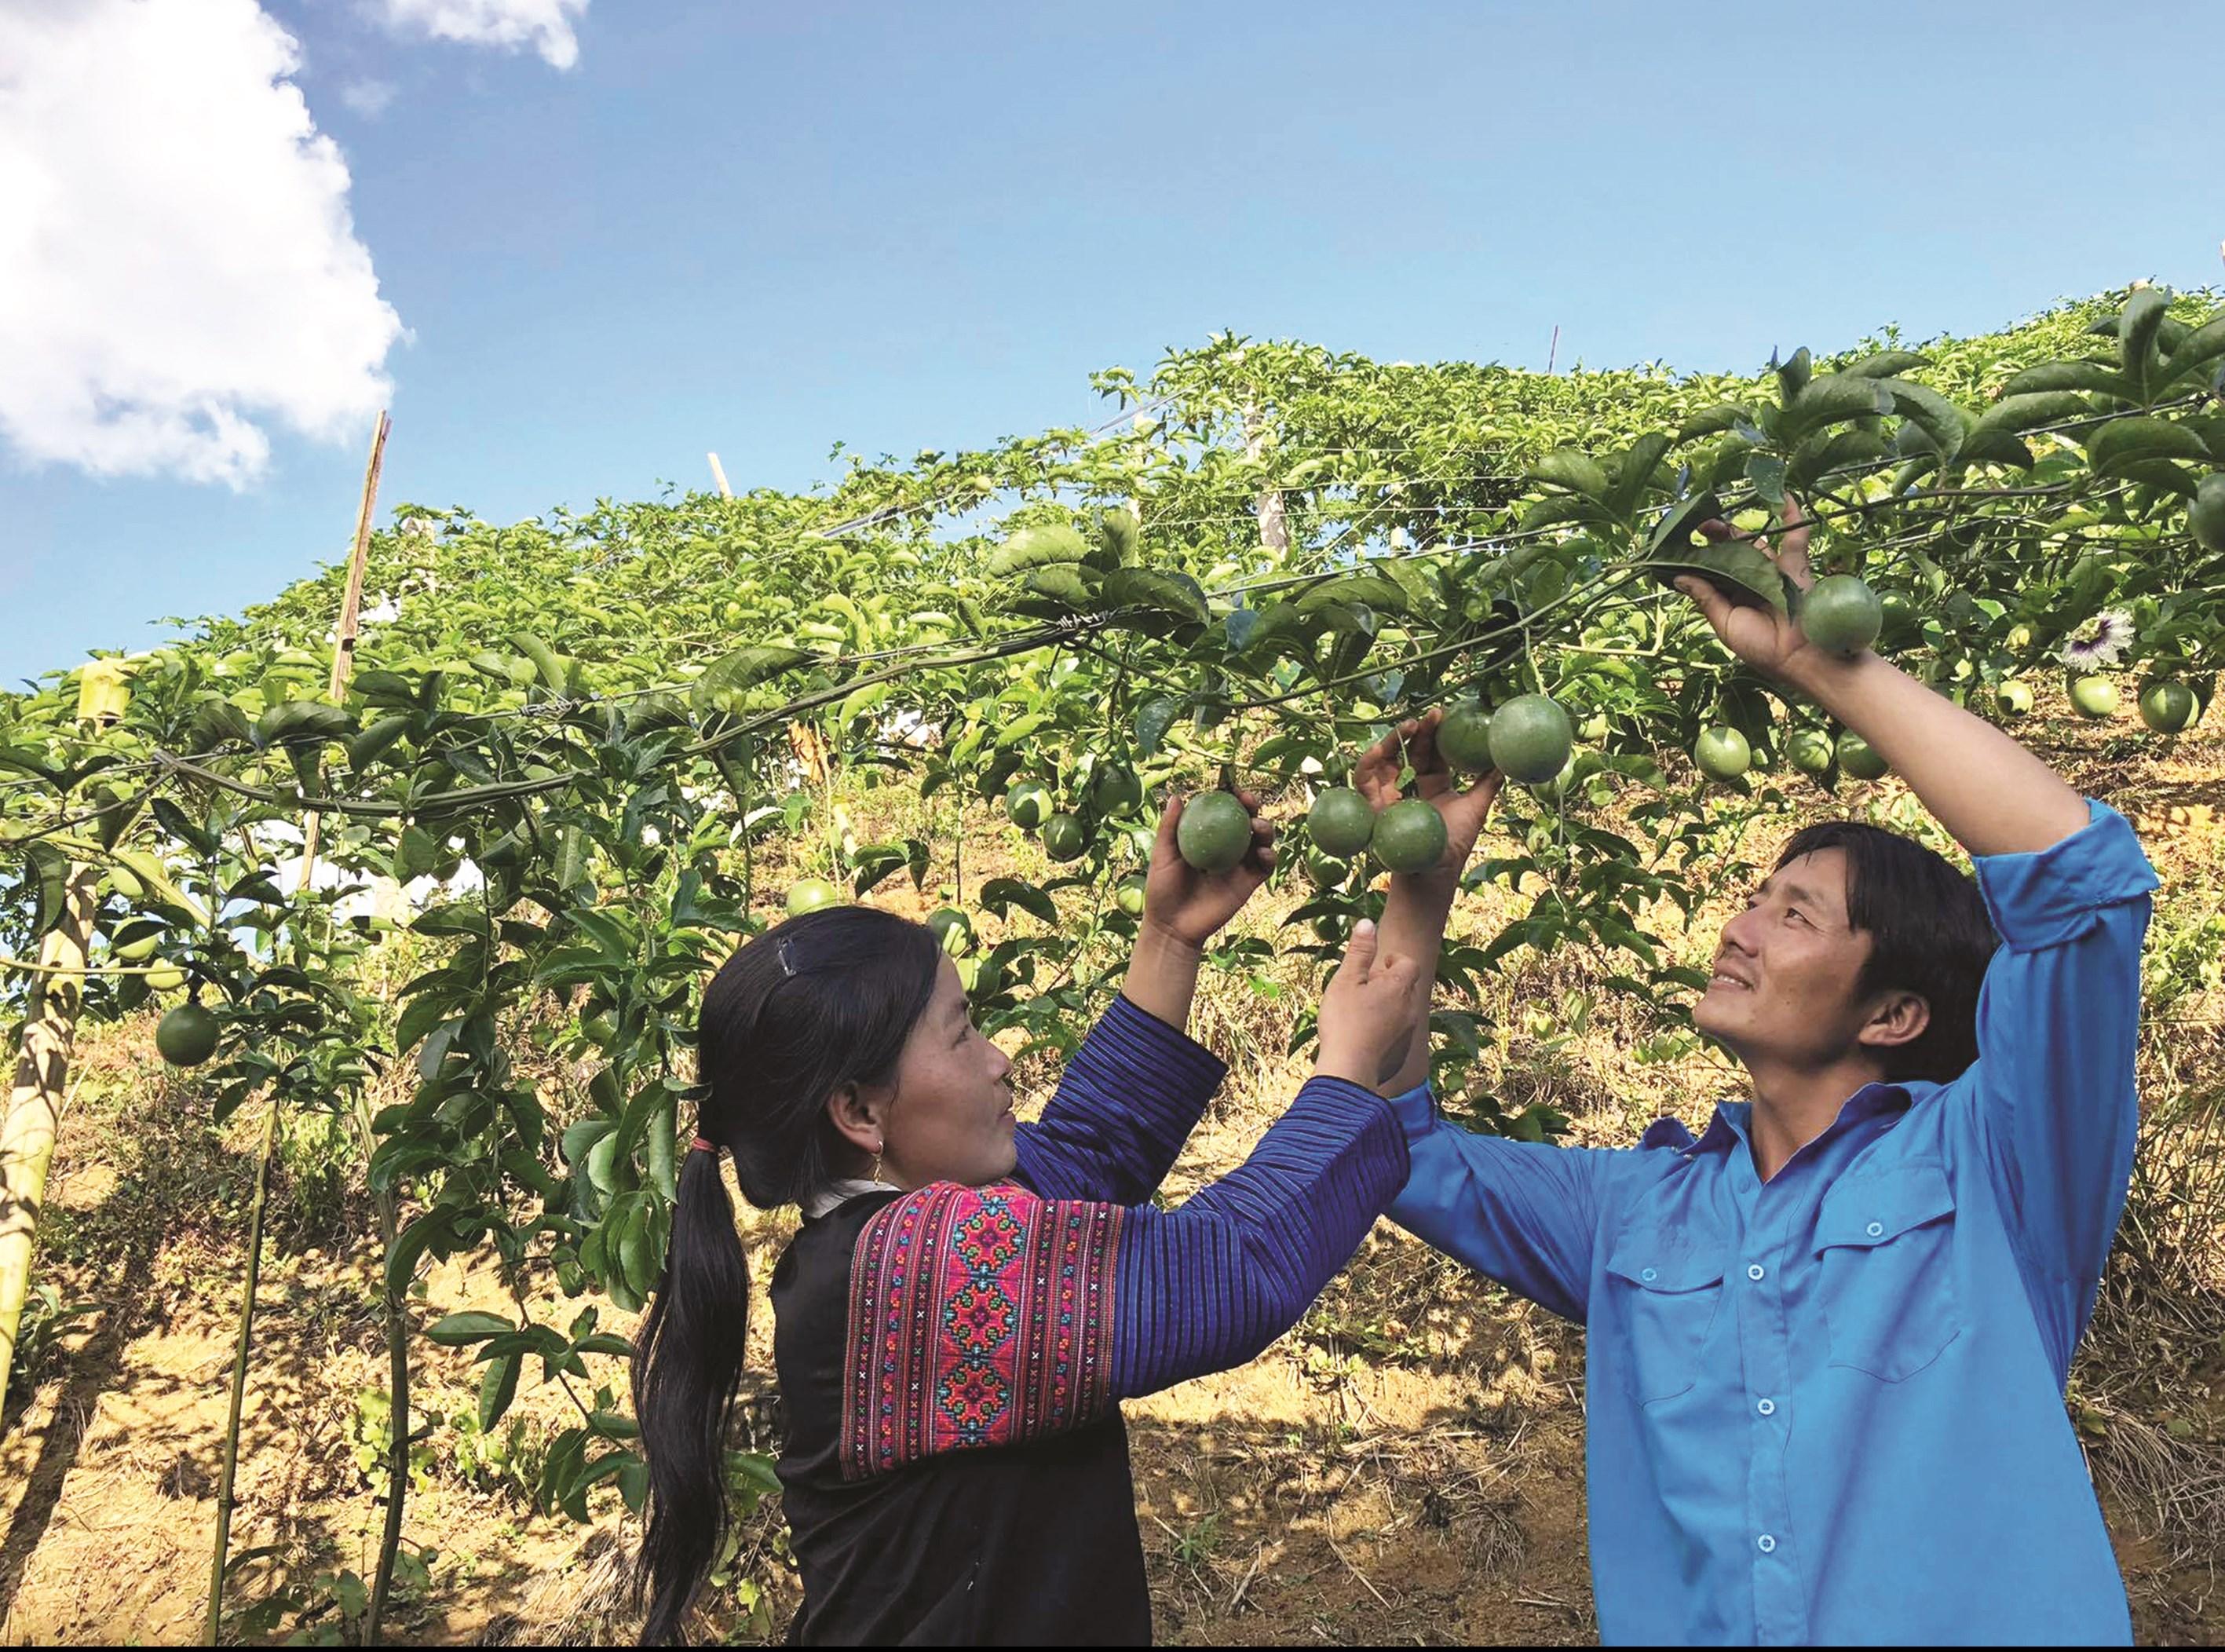 Đôi vợ chồng Việt - Lào ở Lao Khô phát triển kinh tế gia đình từ trồng chanh leo